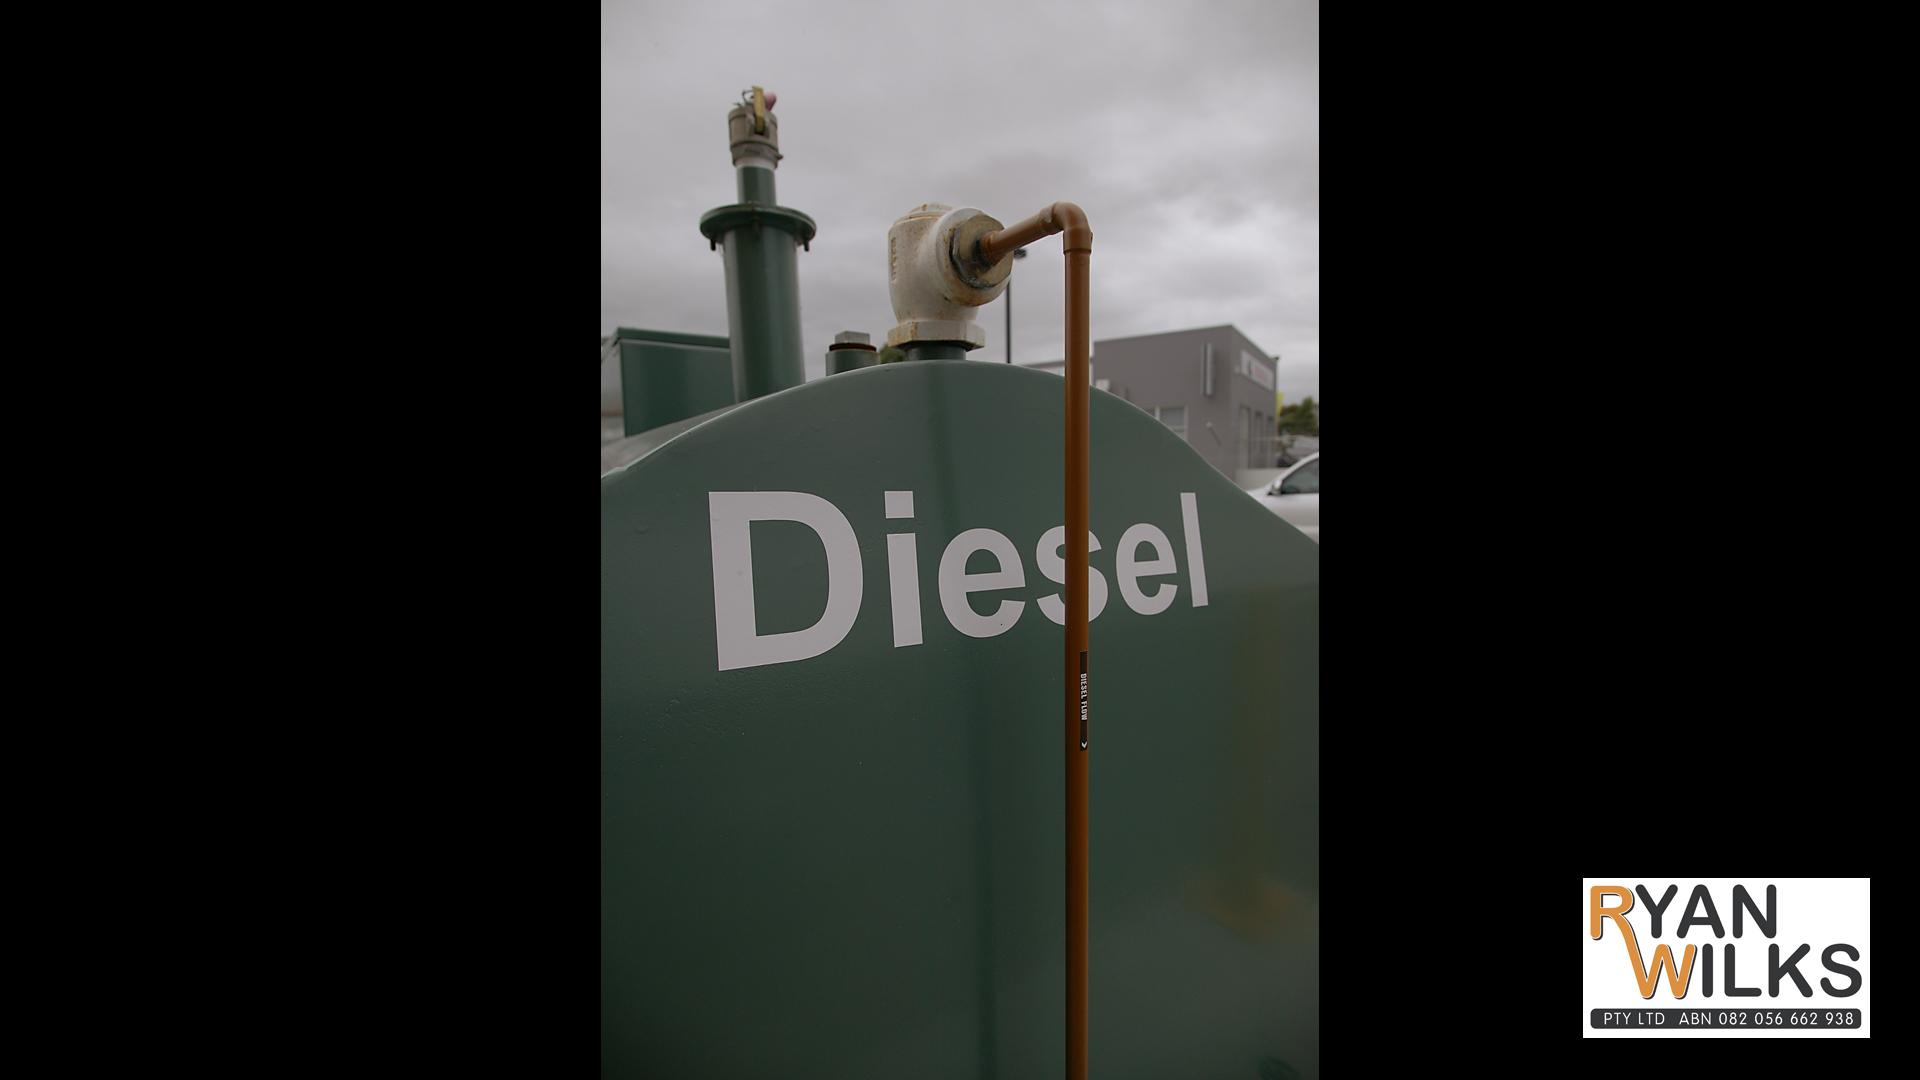 Diesel | Ryan Wilks